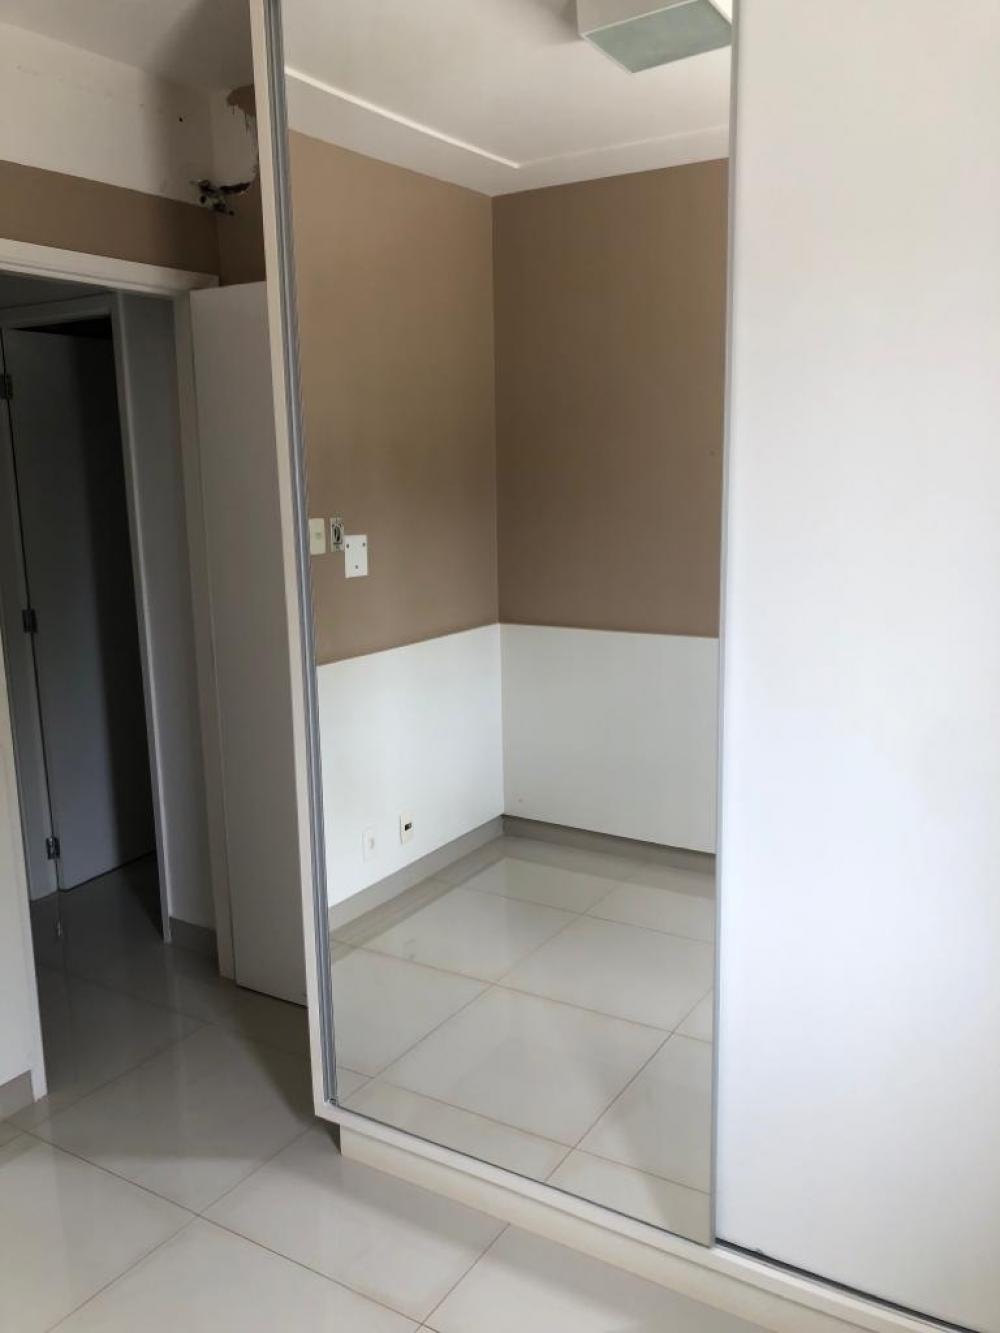 Alugar Casa / Condomínio em São José do Rio Preto R$ 2.100,00 - Foto 15